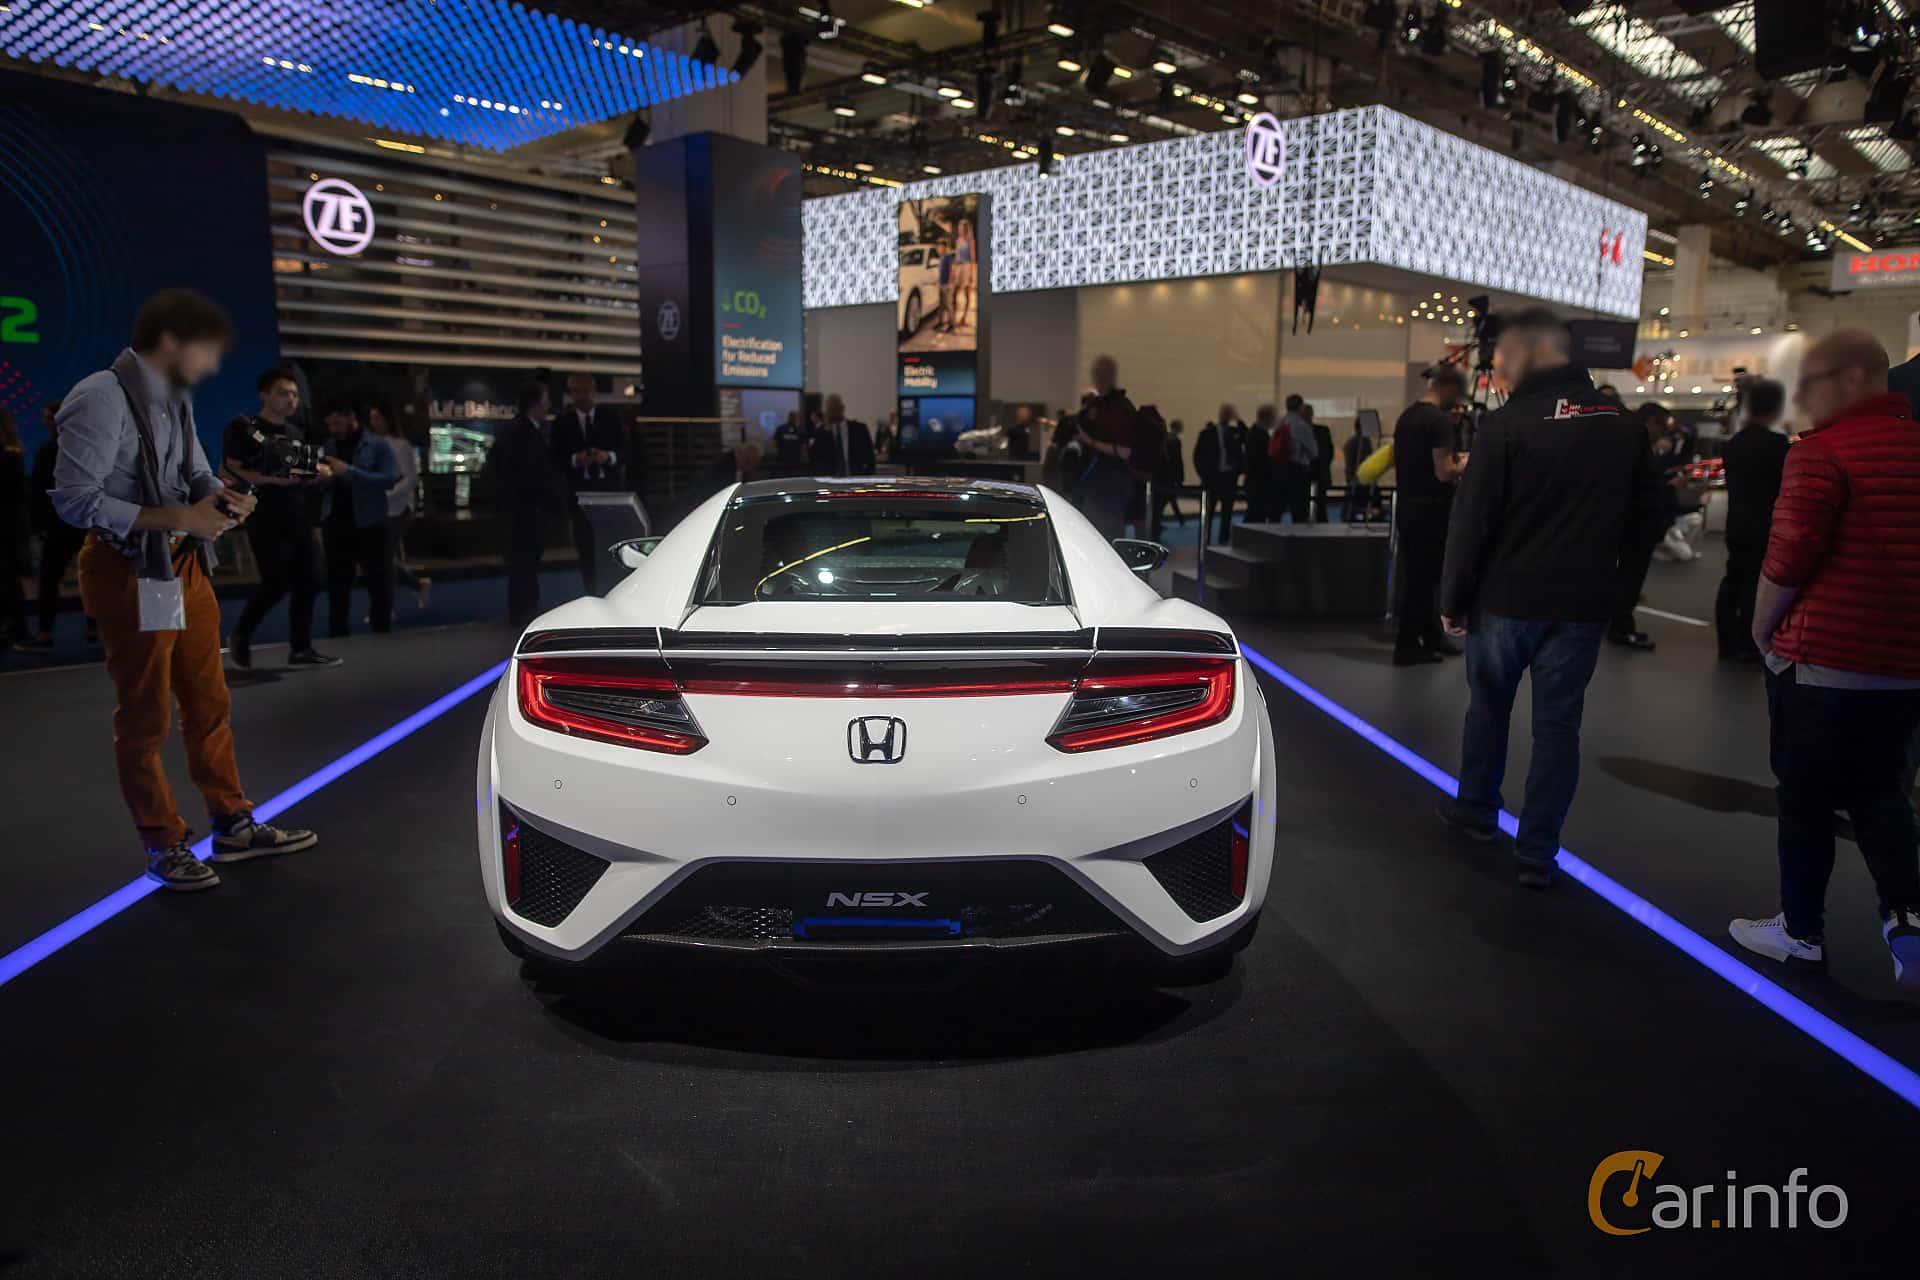 Honda NSX 3.5 V6 SH-AWD DCT, 581hp, 2020 at IAA 2019